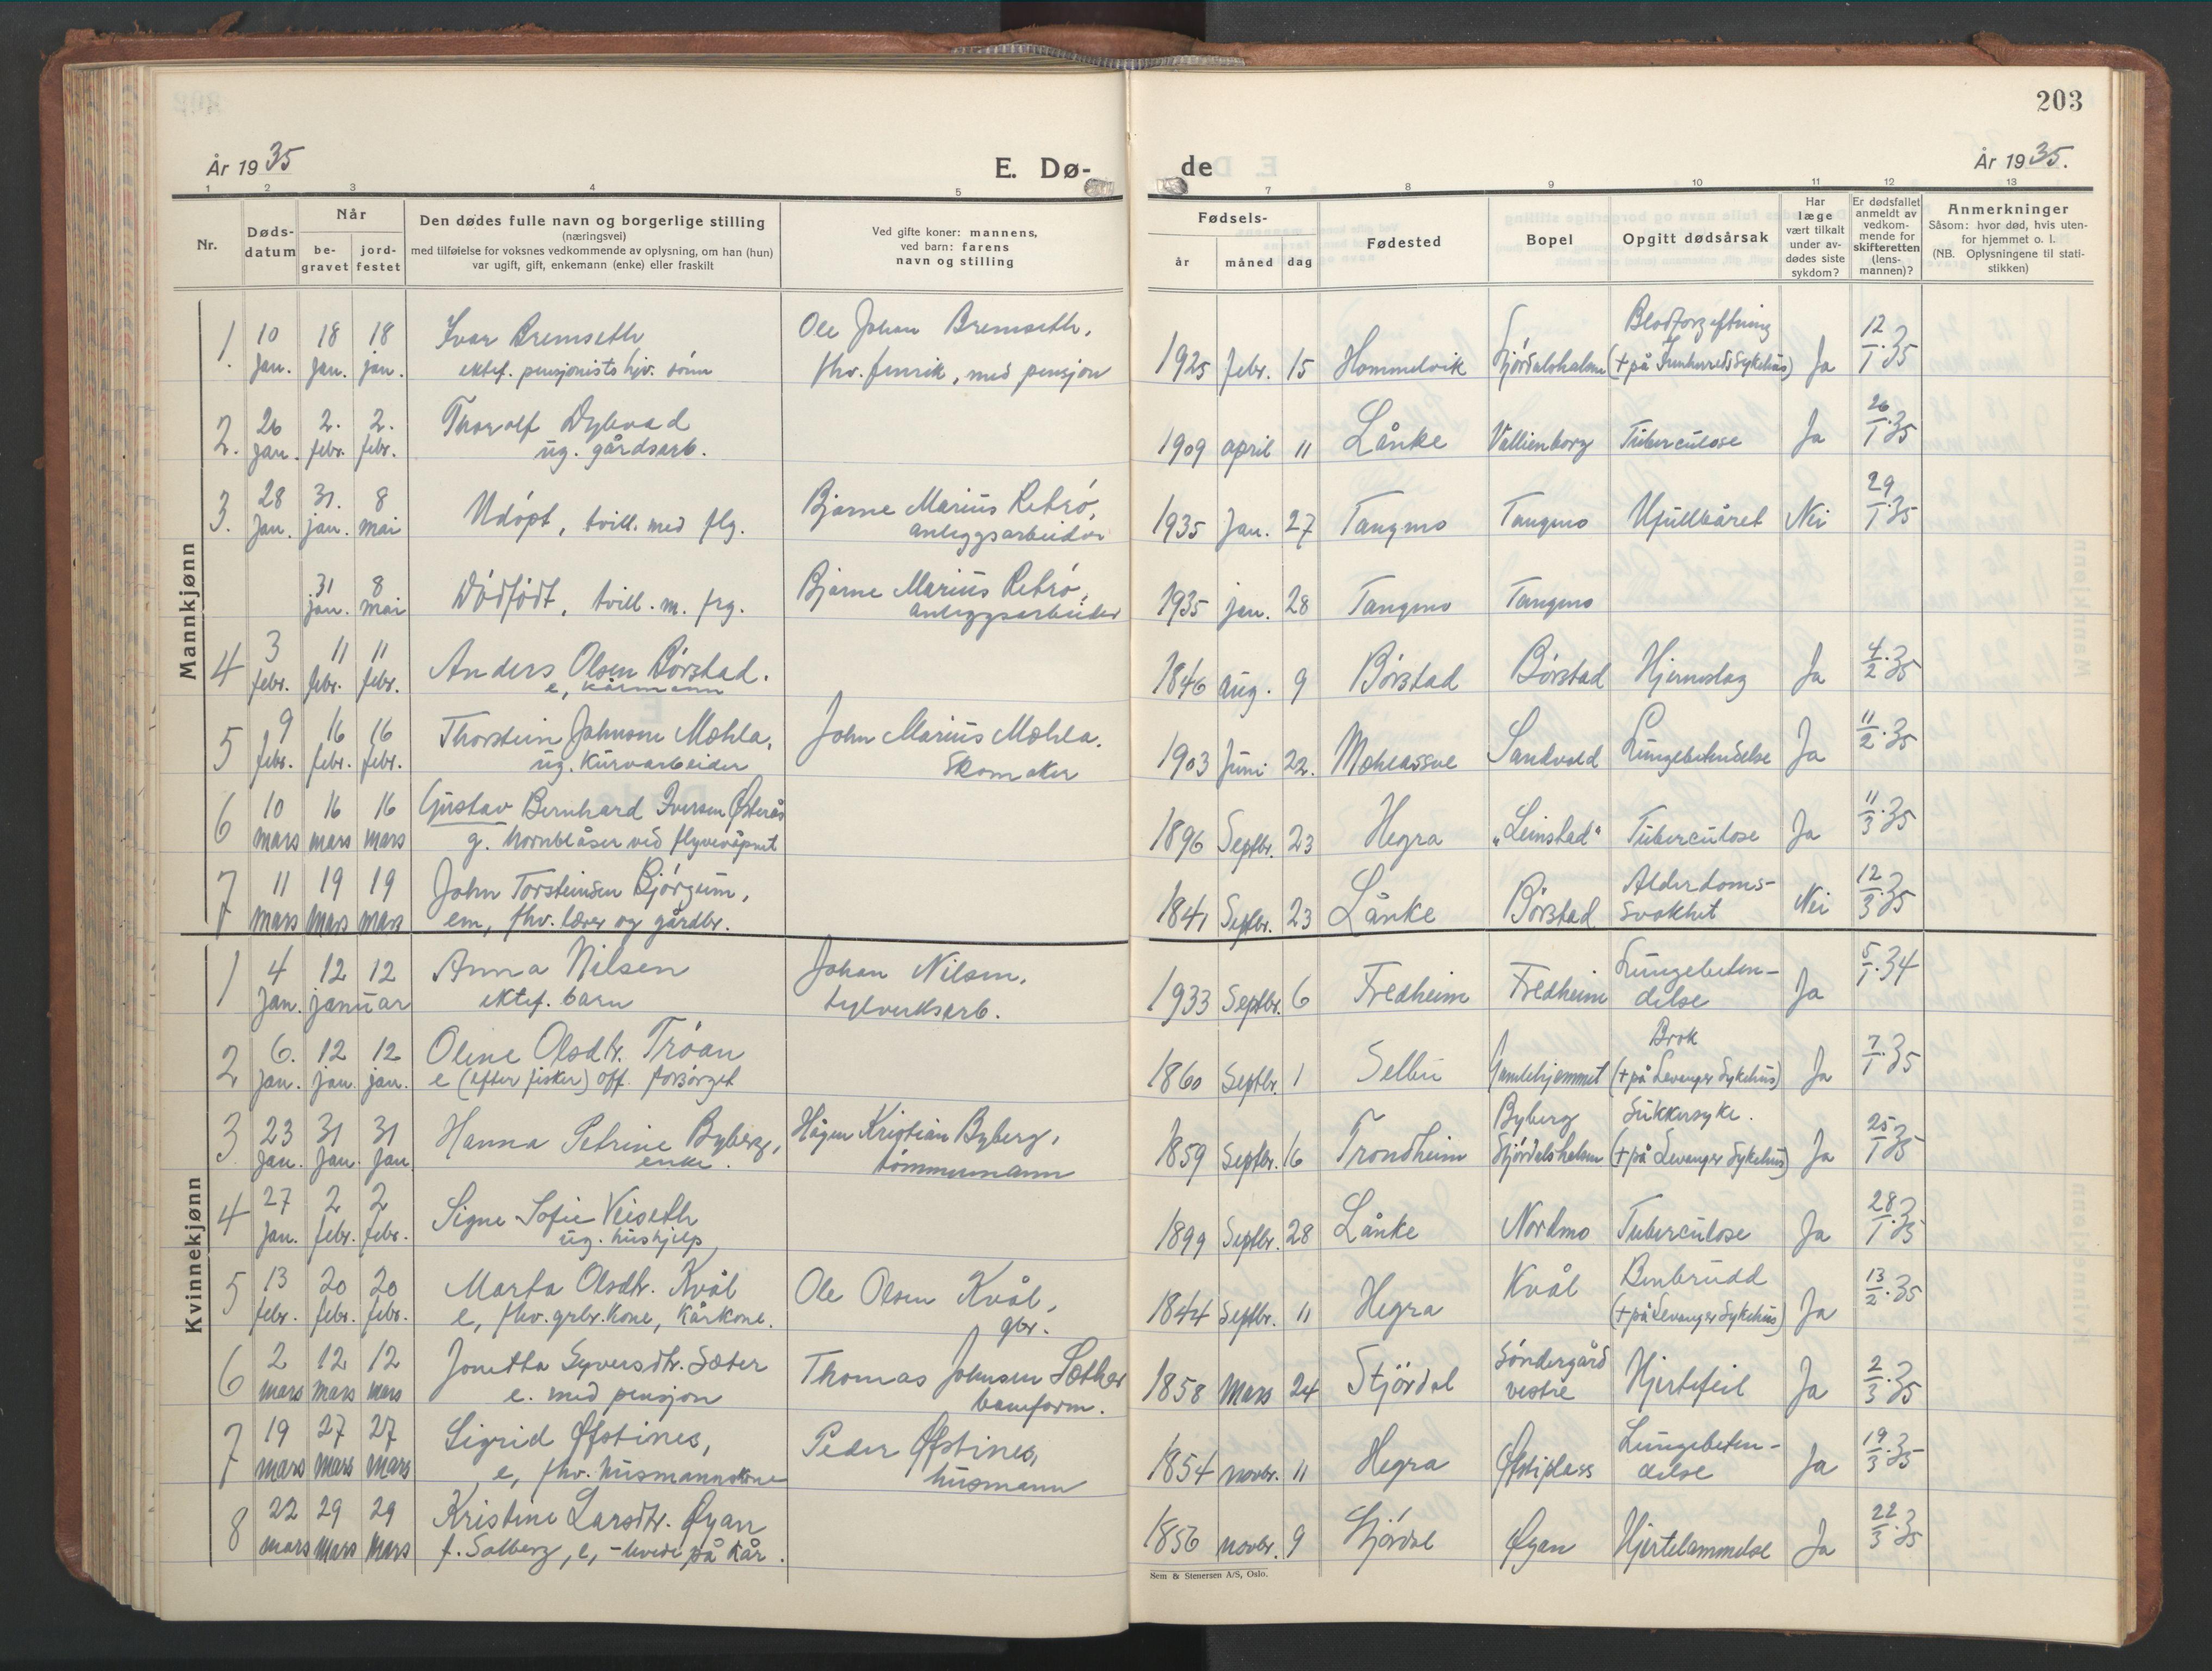 SAT, Ministerialprotokoller, klokkerbøker og fødselsregistre - Nord-Trøndelag, 709/L0089: Klokkerbok nr. 709C03, 1935-1948, s. 203